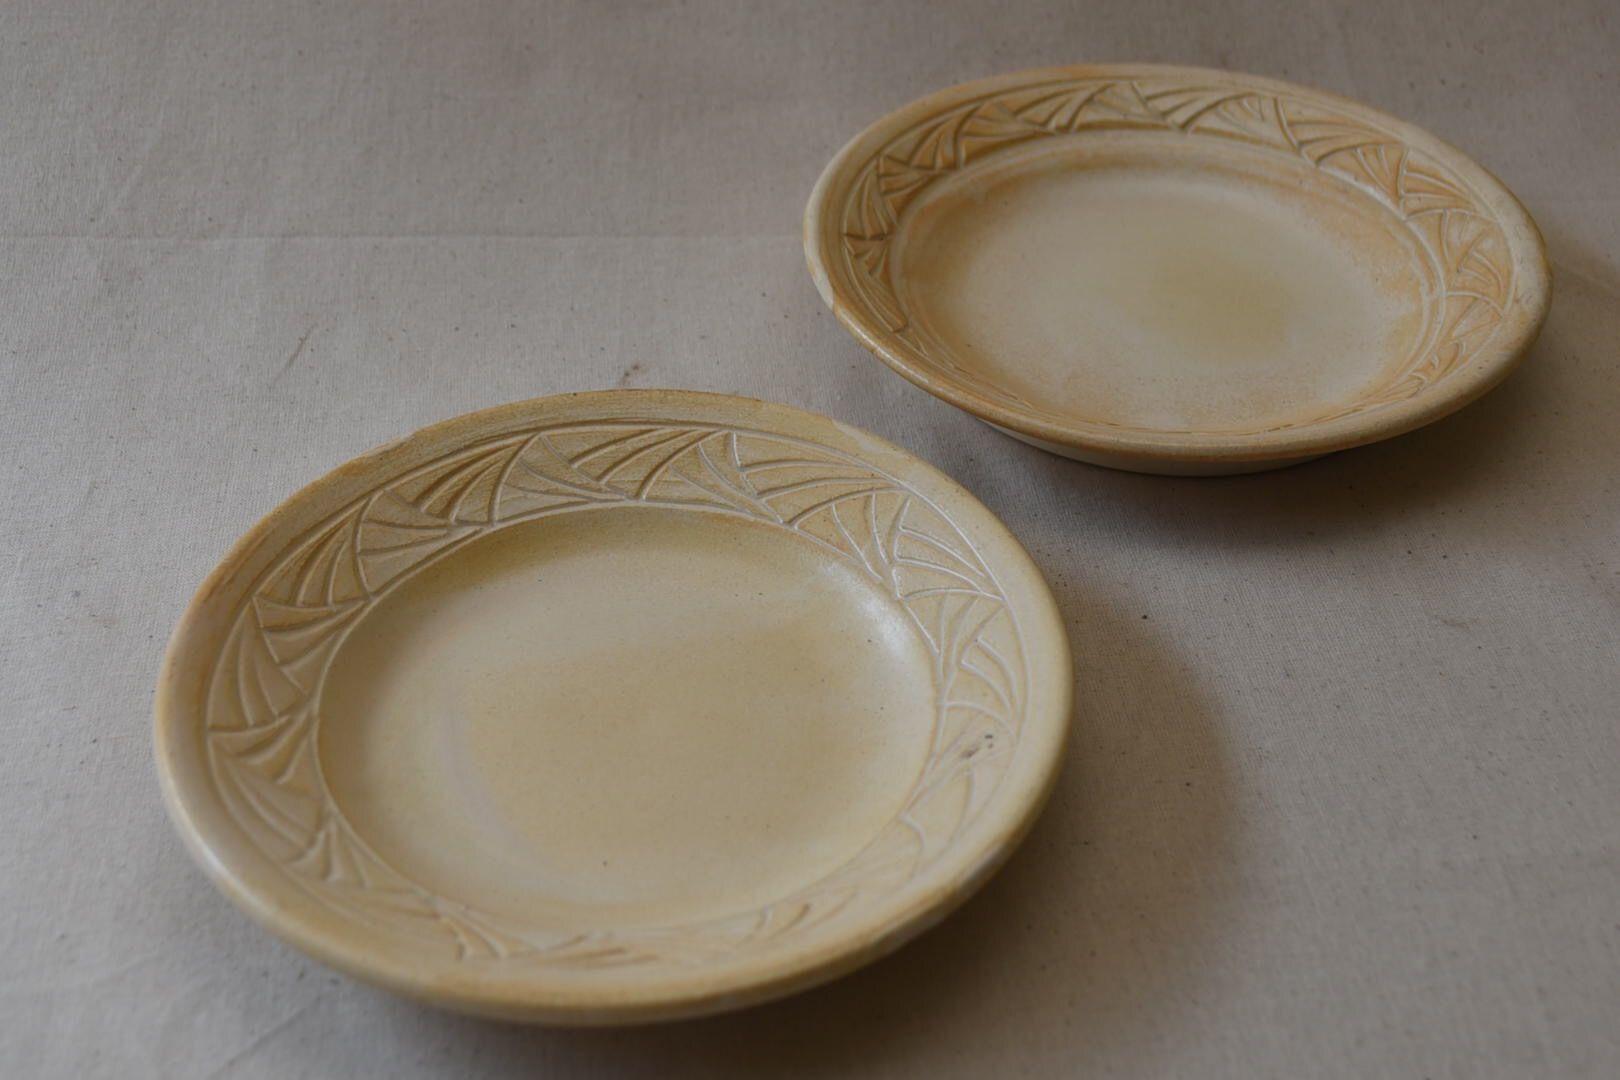 彫り込み6寸皿(約18cm)